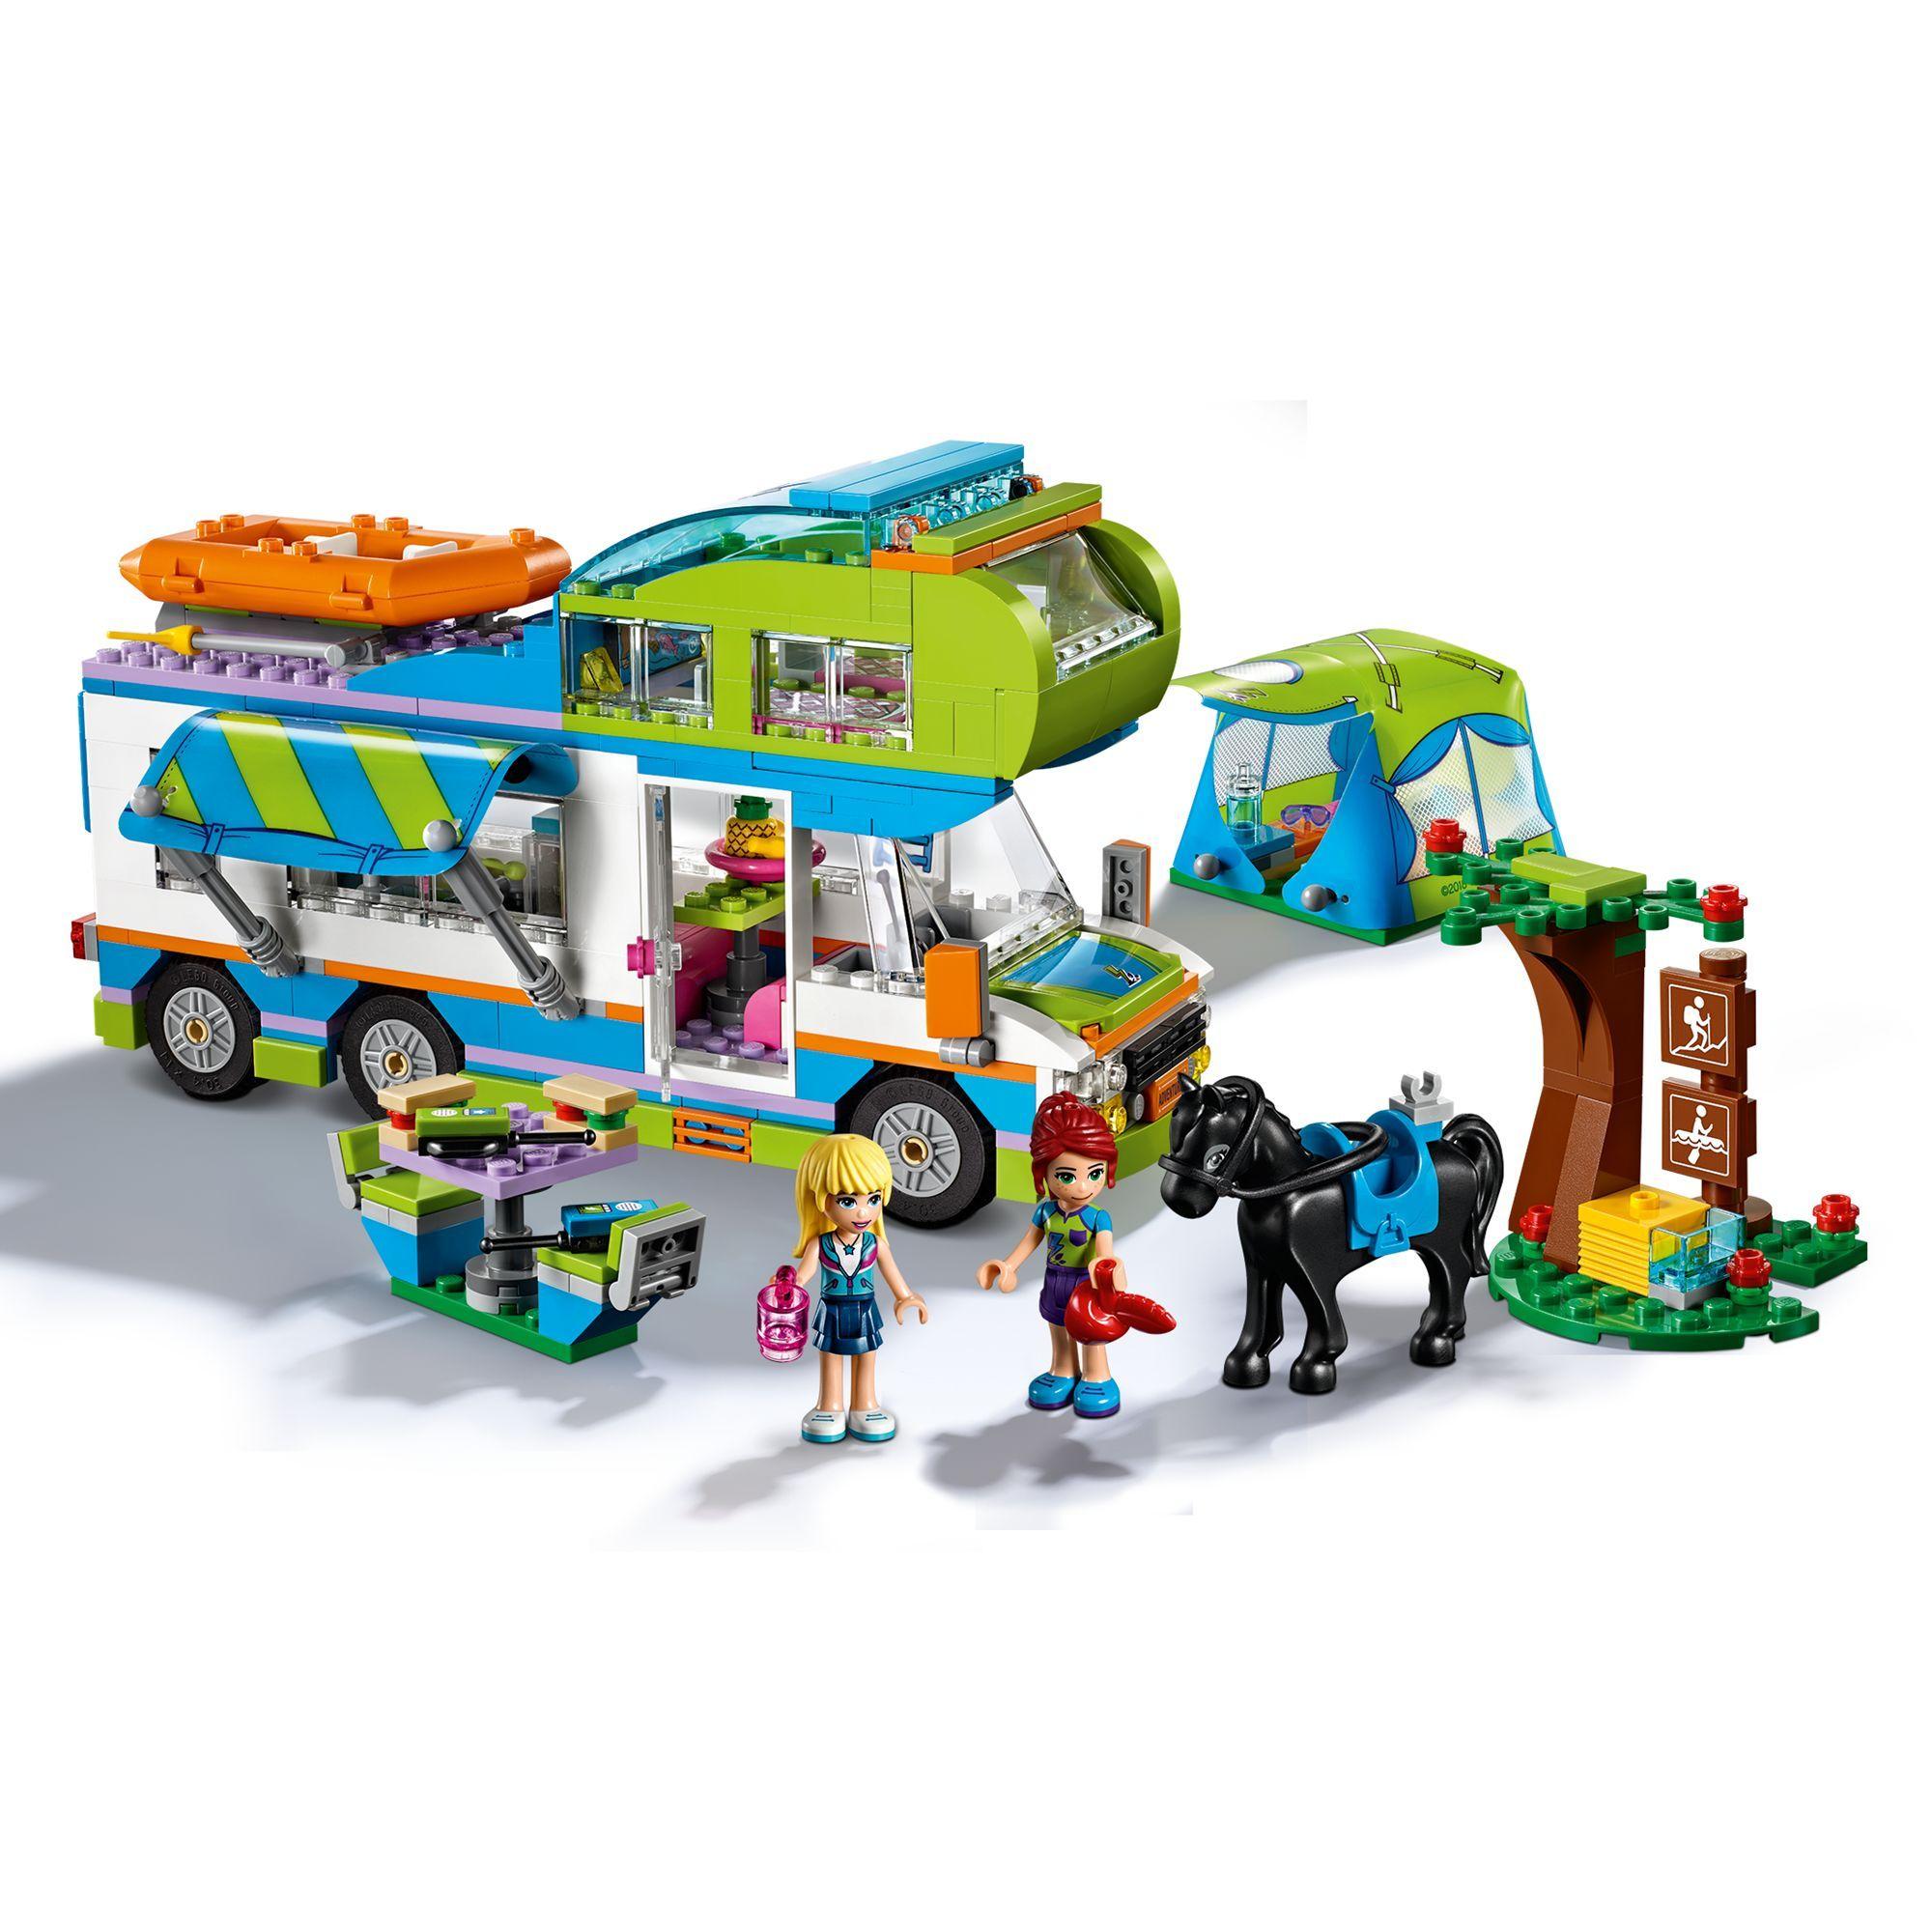 Camper Van 41339 LEGO Friends Sets